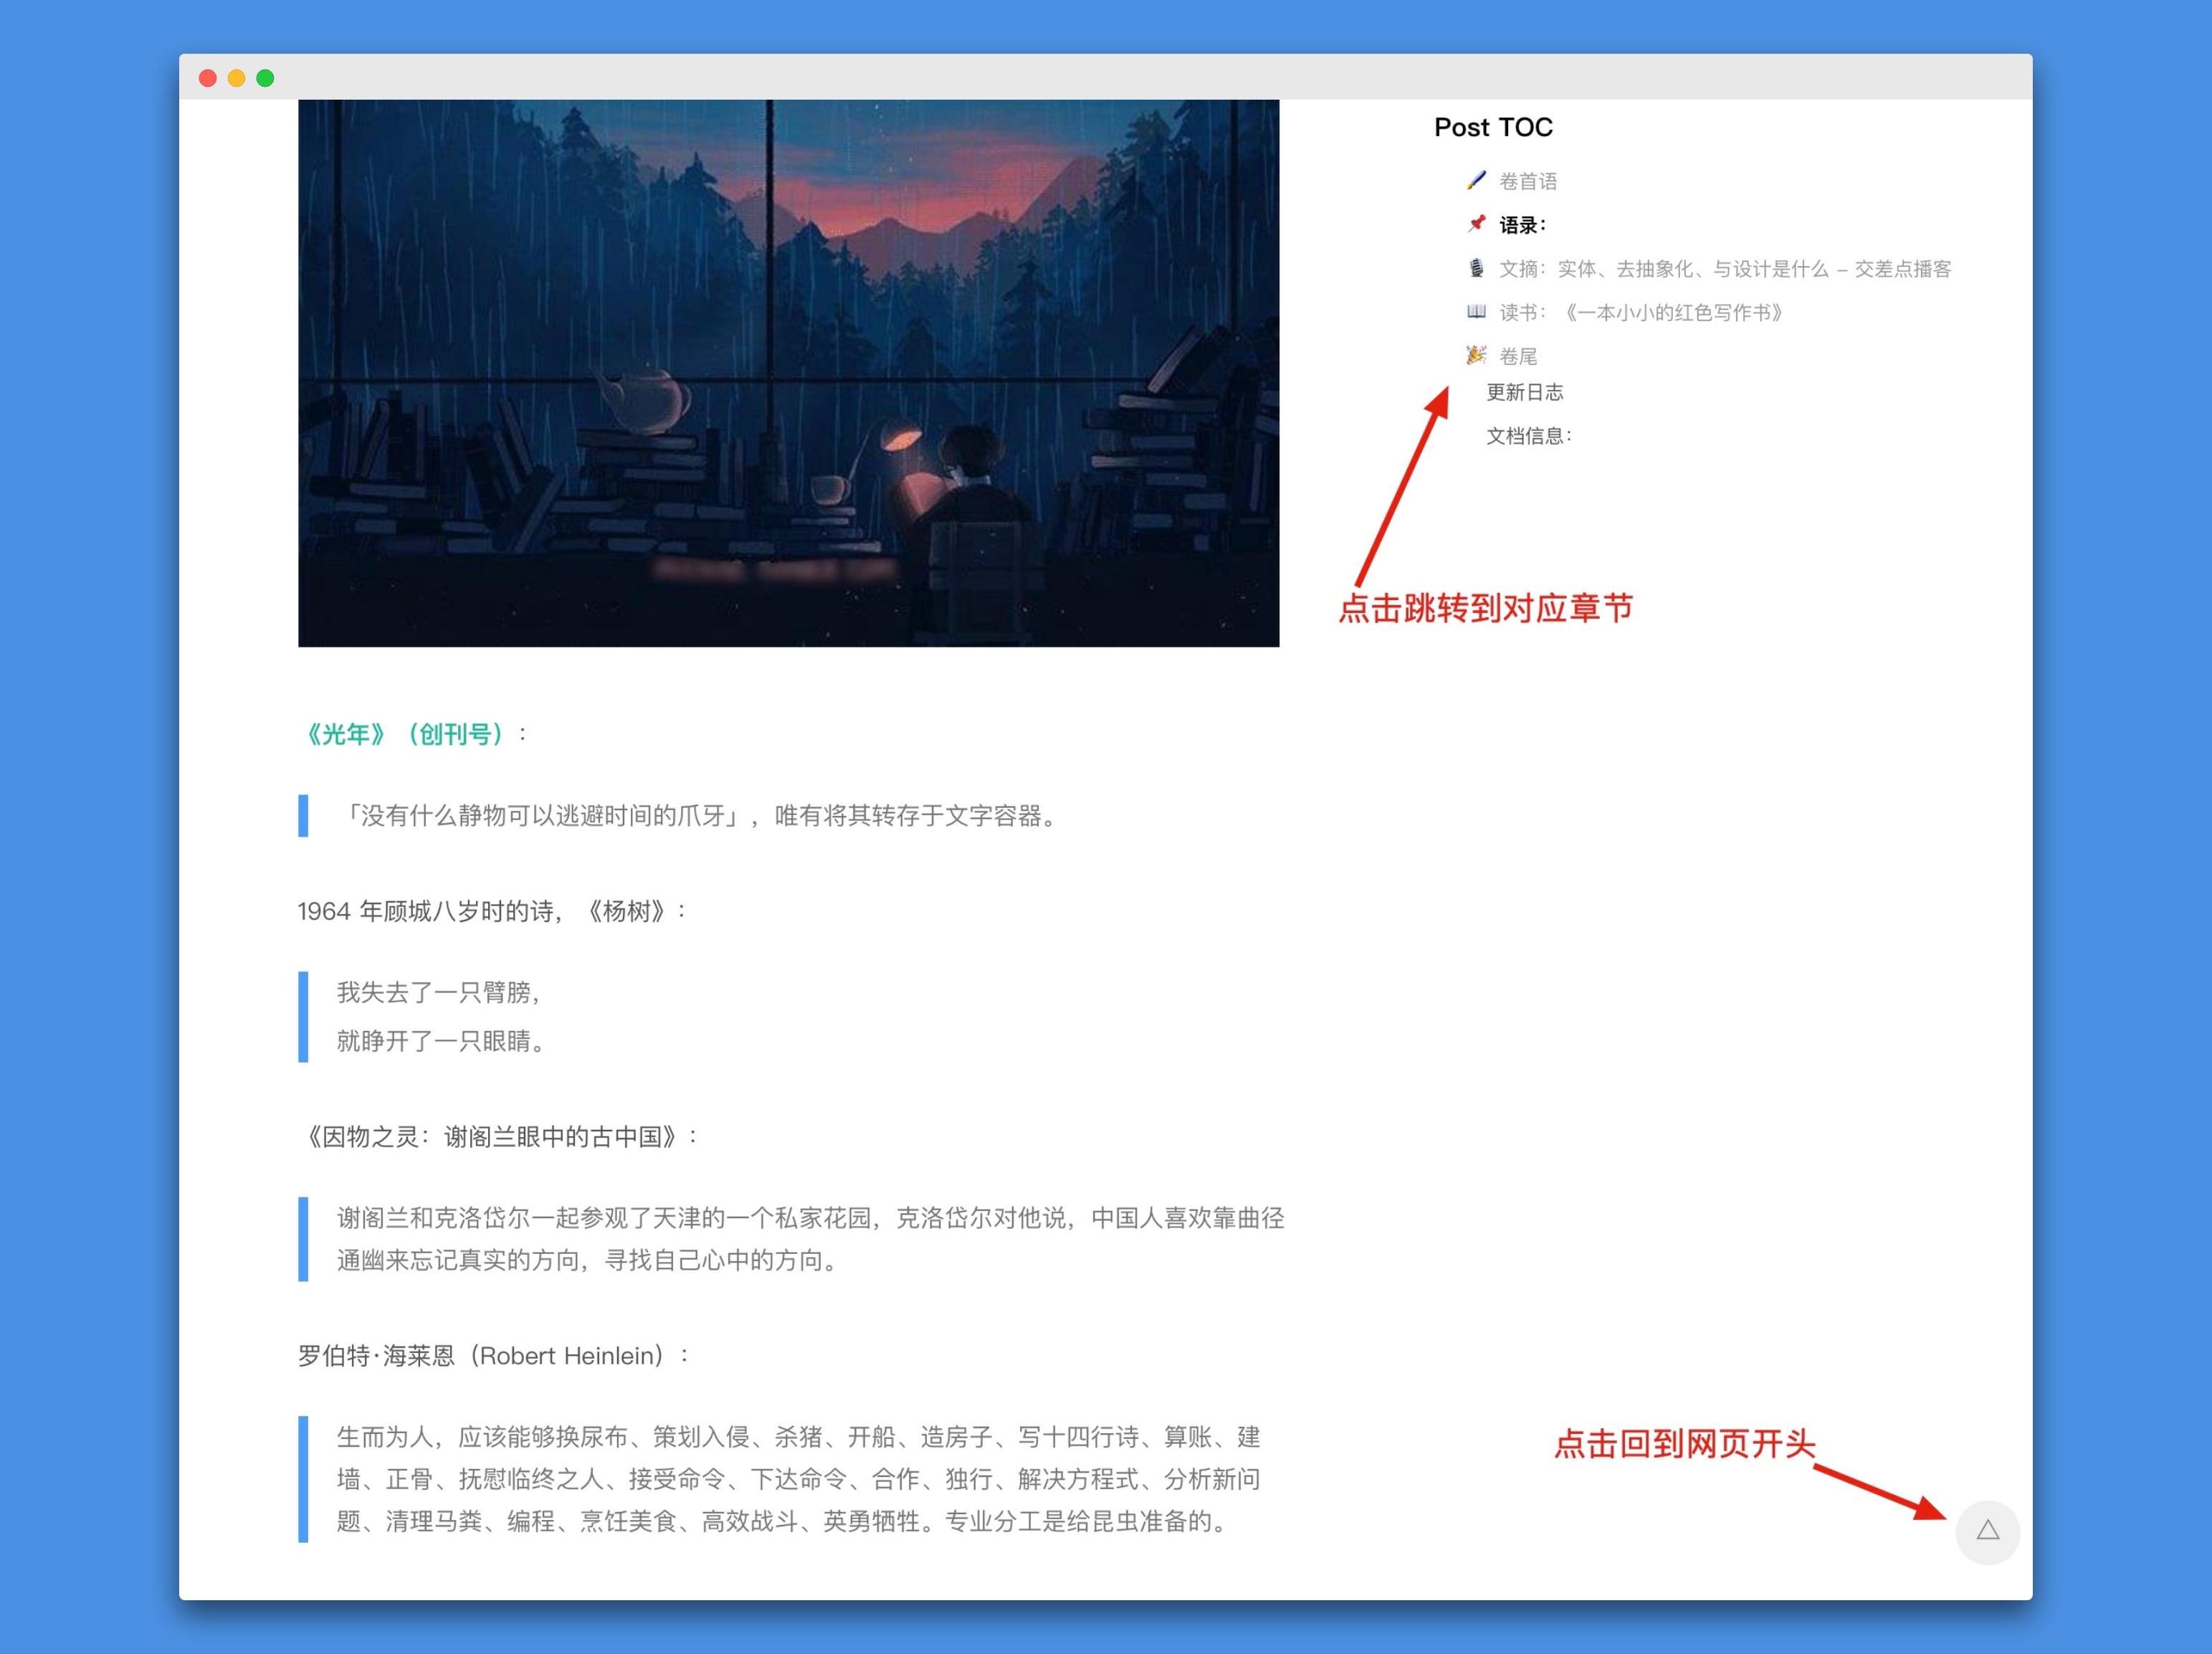 网站说明.jpg-244.5kB